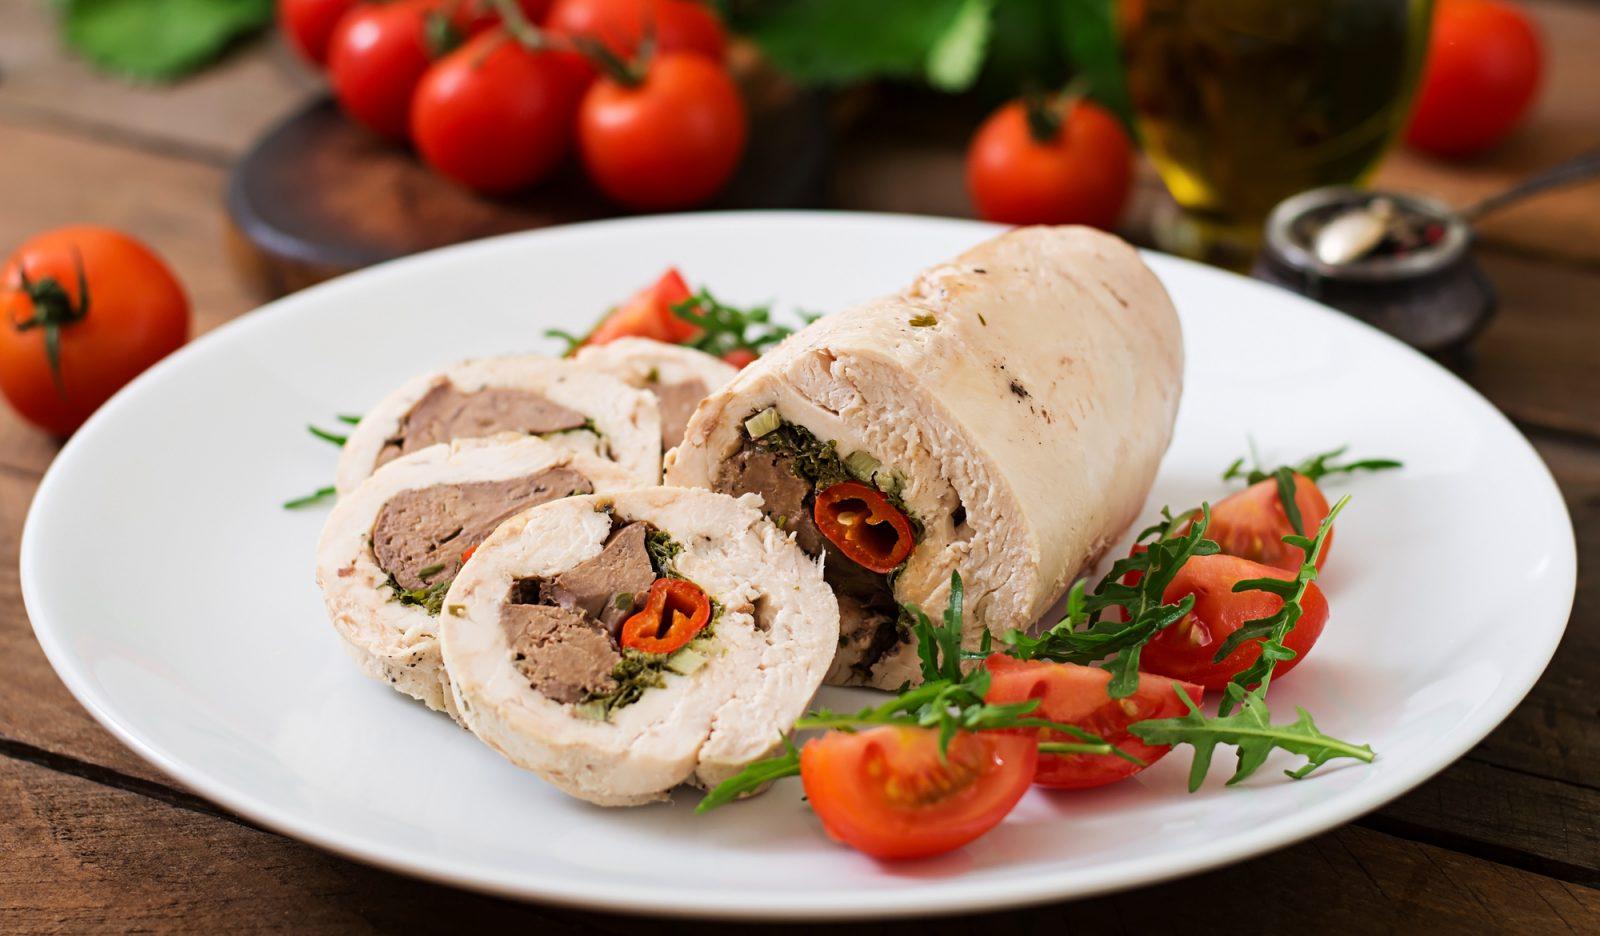 Куриный рулет с печенью блюда из курицы,мясные блюда